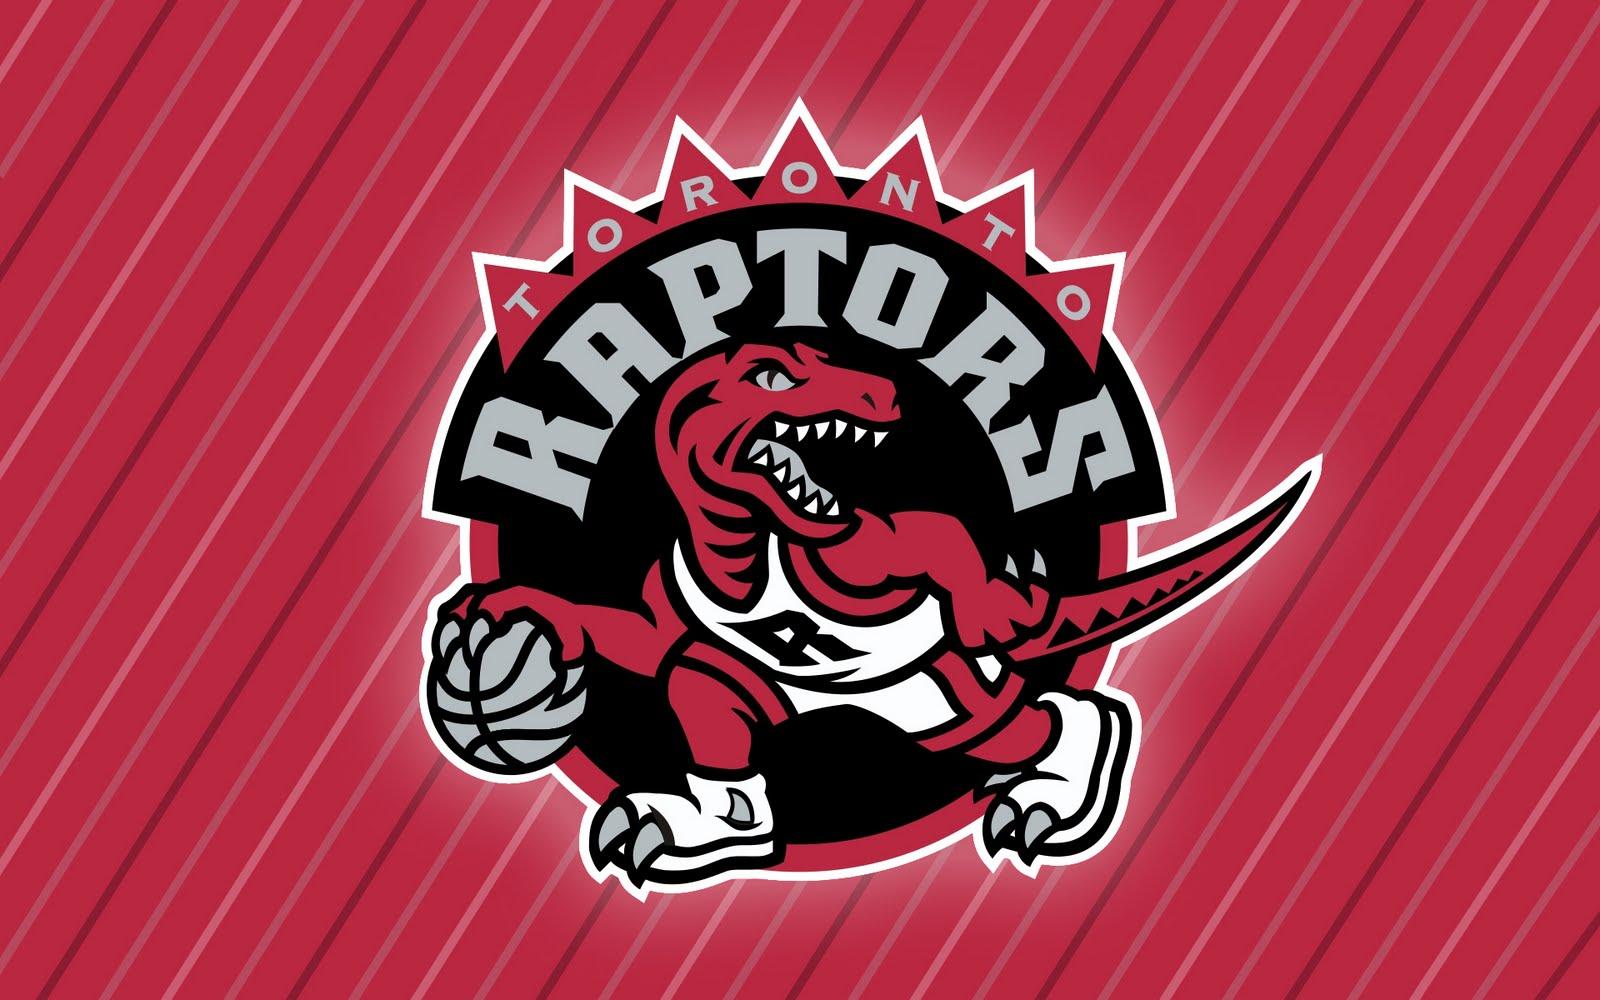 Toronto Raptors Wallpapers   Best Basketball Wallpapers